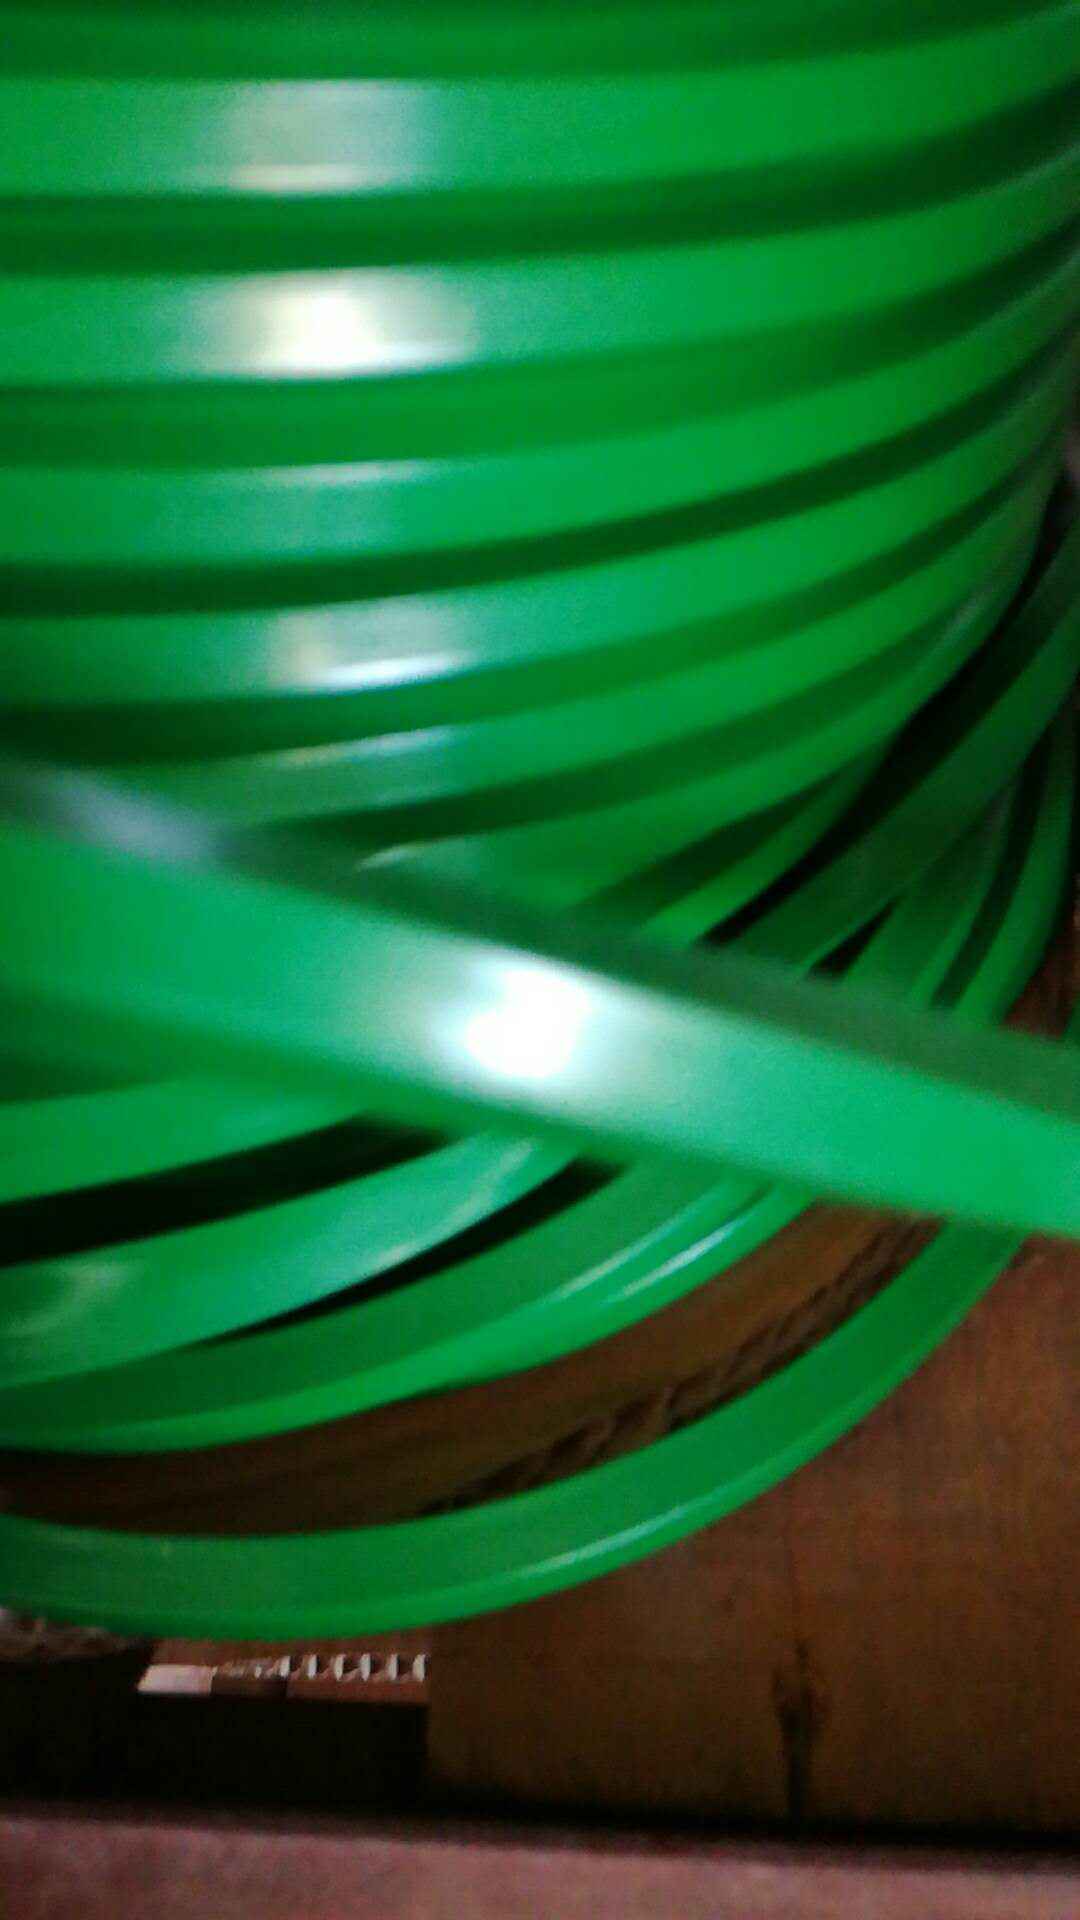 石家庄品牌好的润达PVC输送带价格,输送带批发市场